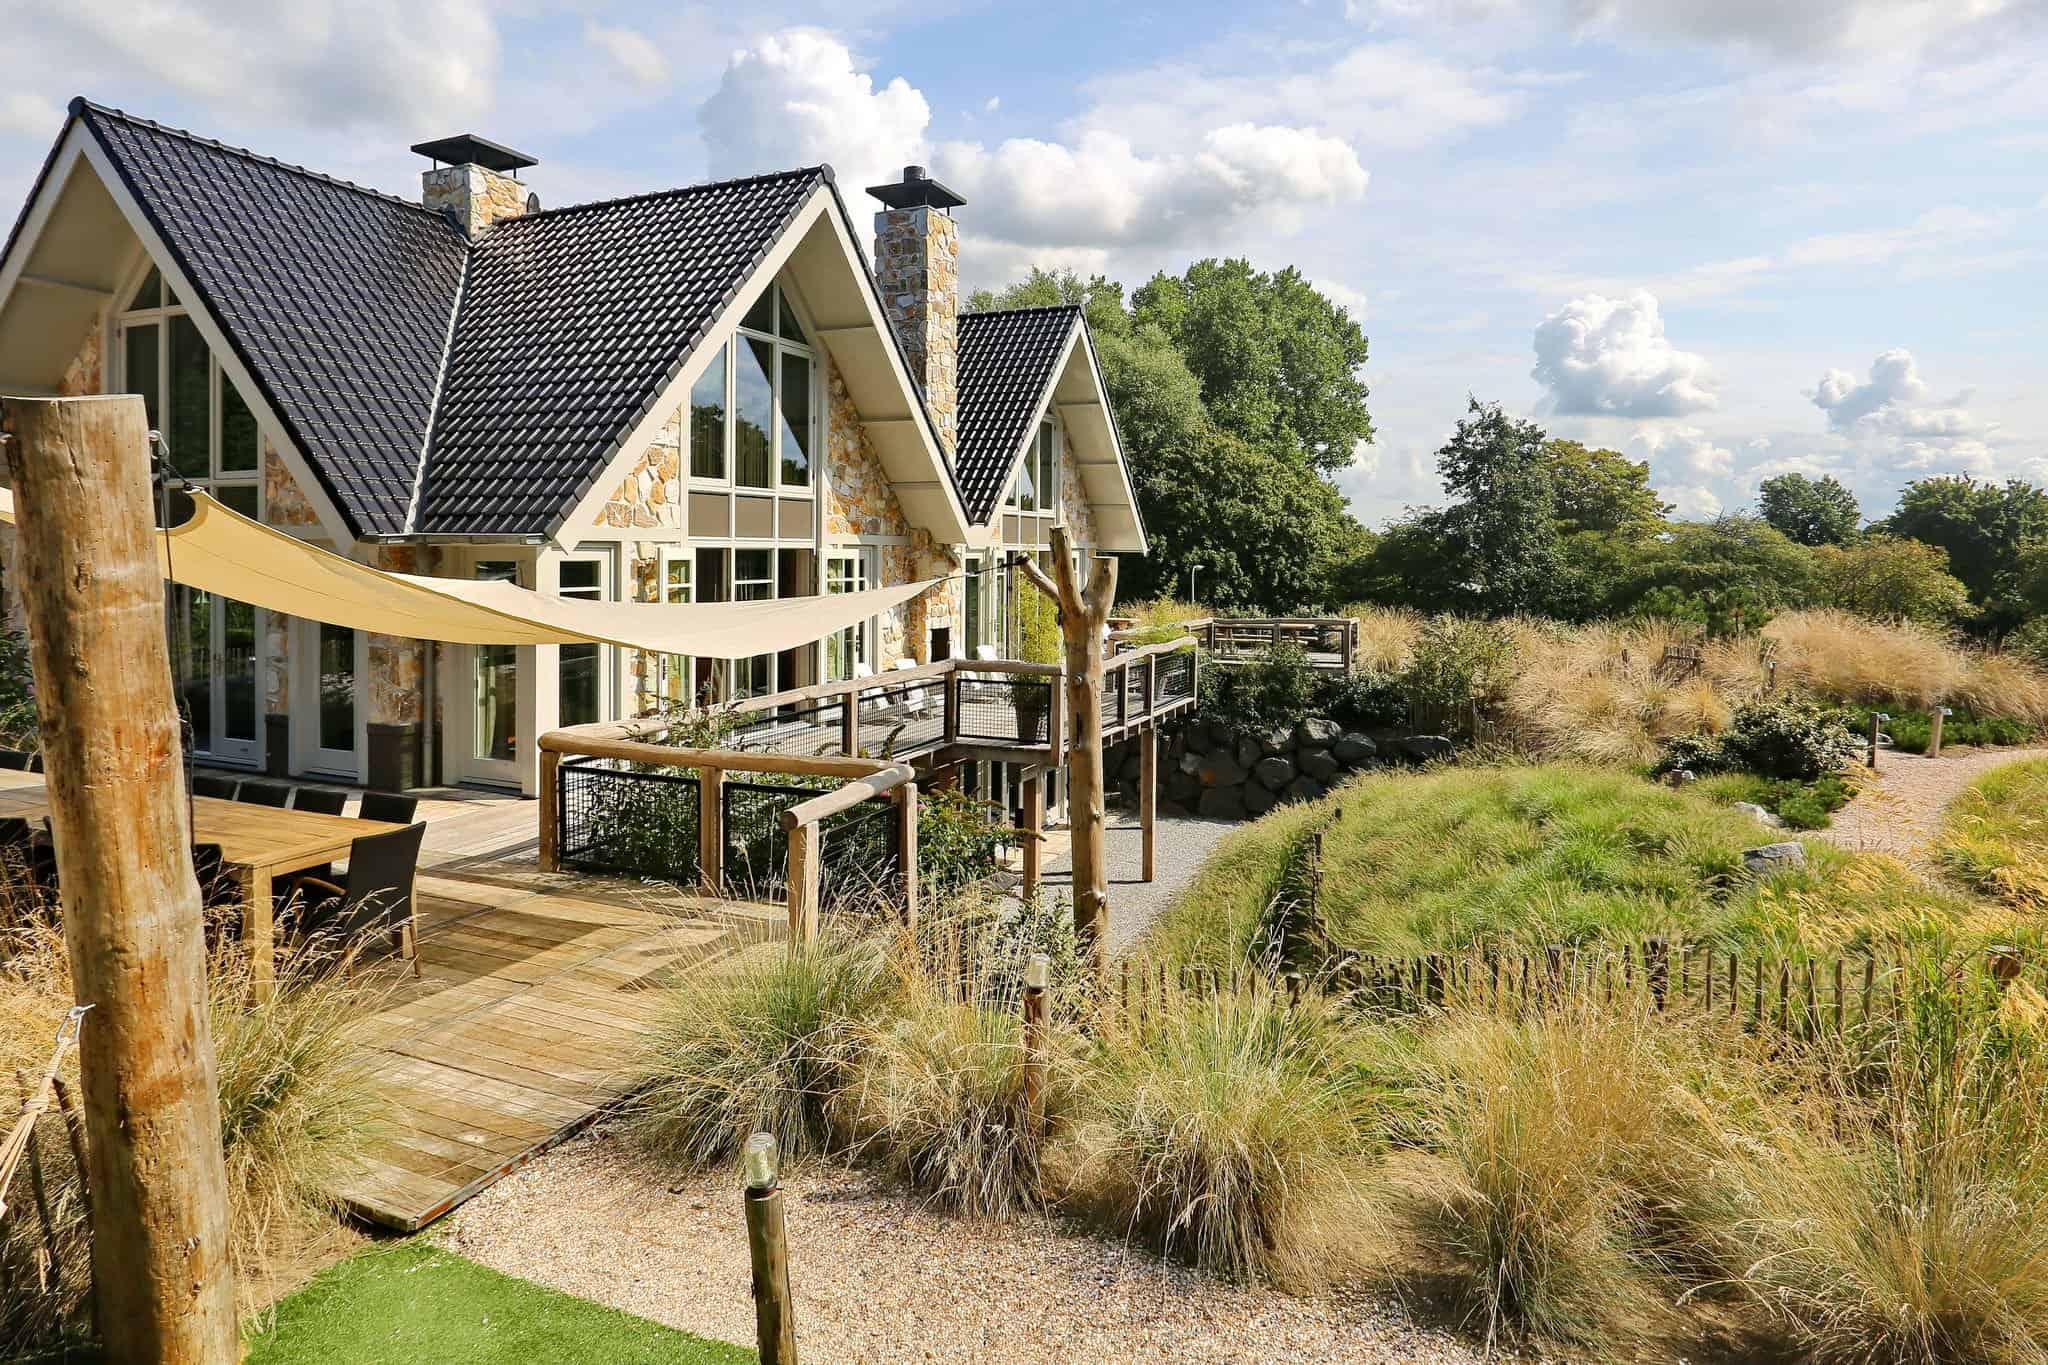 De Mooiste Vakantiehuizen : Grote vakantievilla s de mooiste huizen villaspot vakantiehuizen